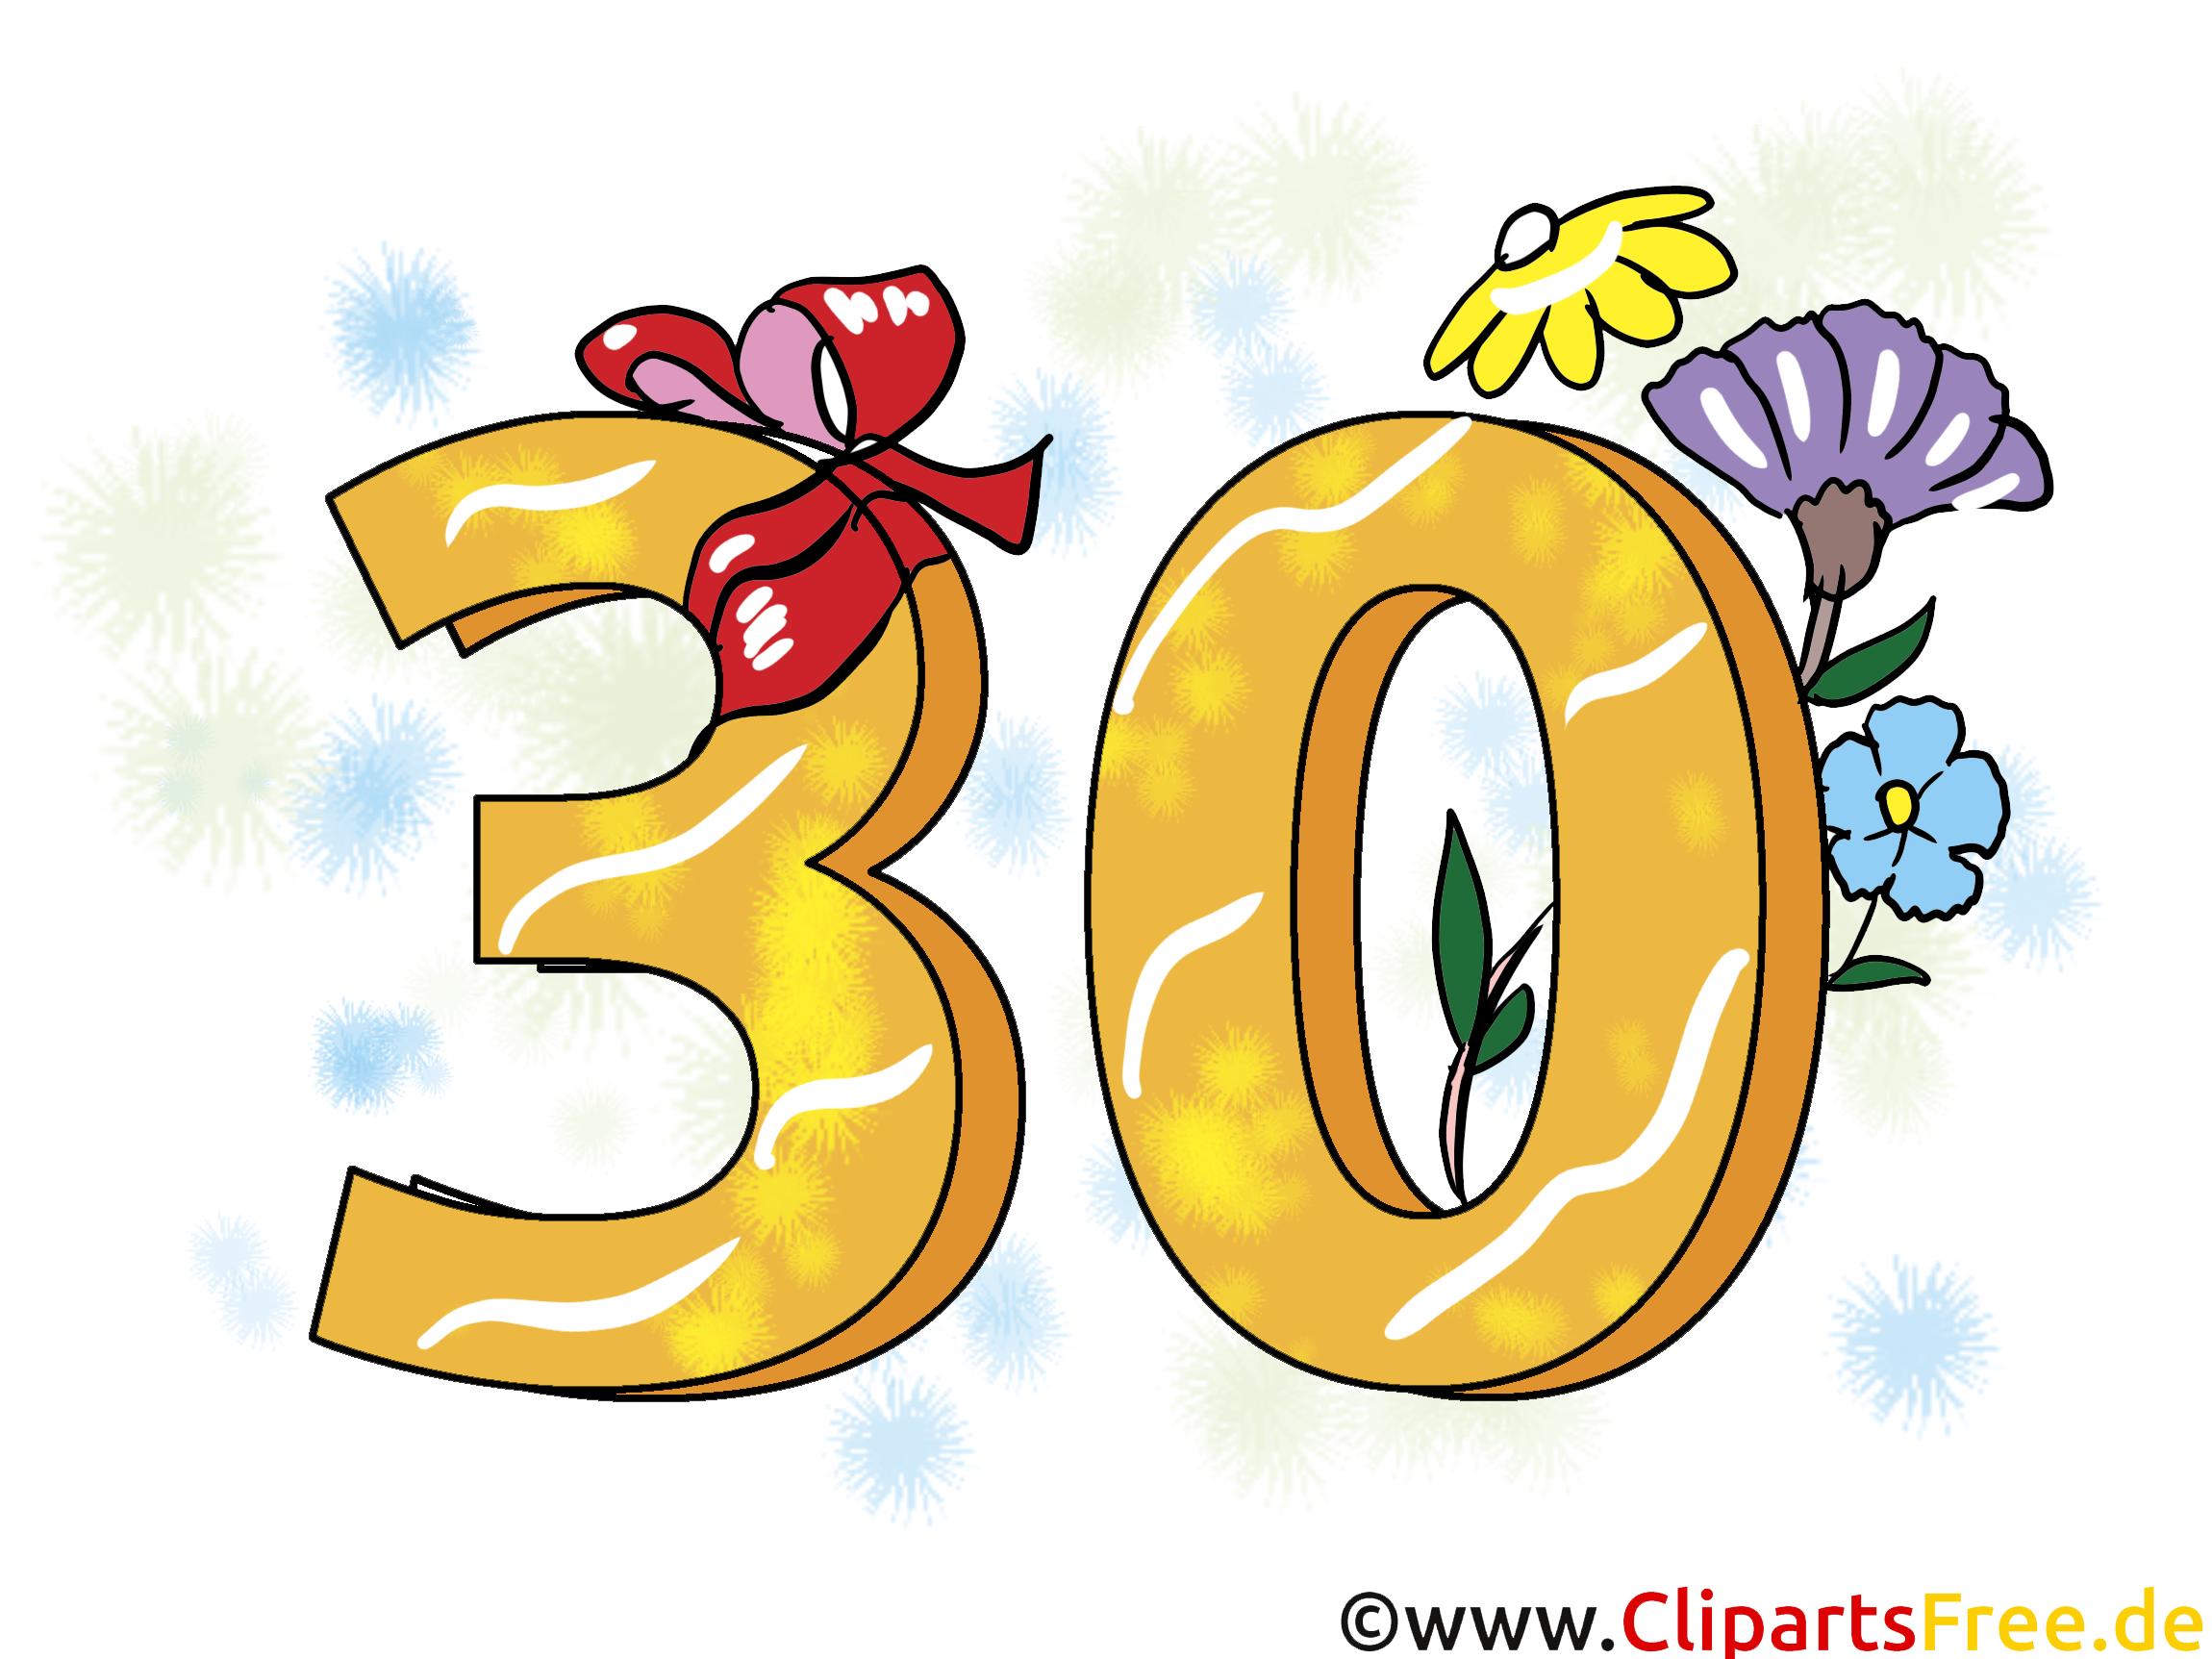 Geburtstagssprüche 30 Jahre   Clipart, Grusskarte, Glückwunschkarte, ECard,  Vorlage Einladung